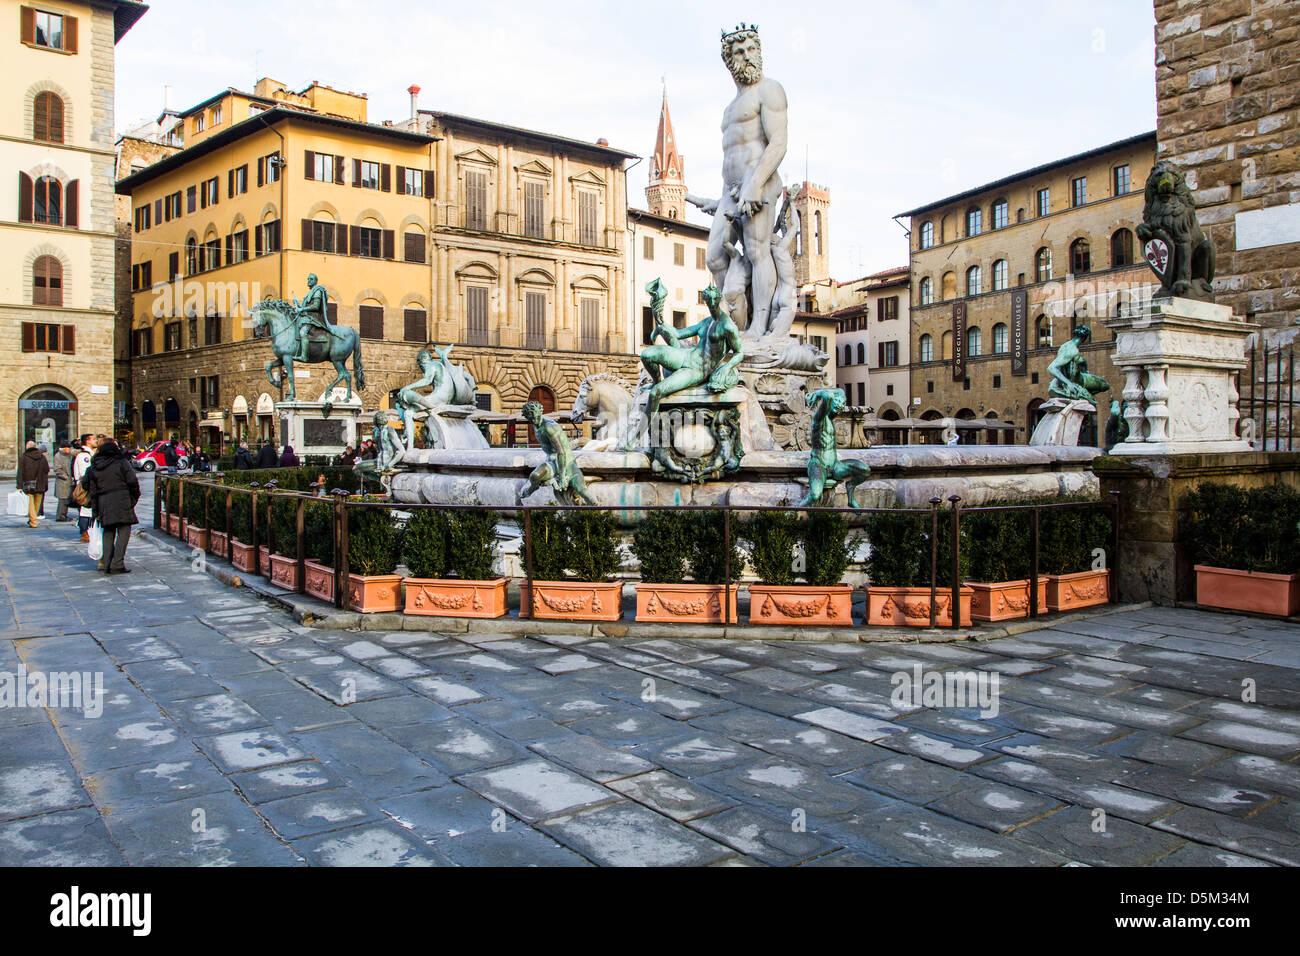 Fountain of Neptune (Fontana del Nettuno). - Stock Image